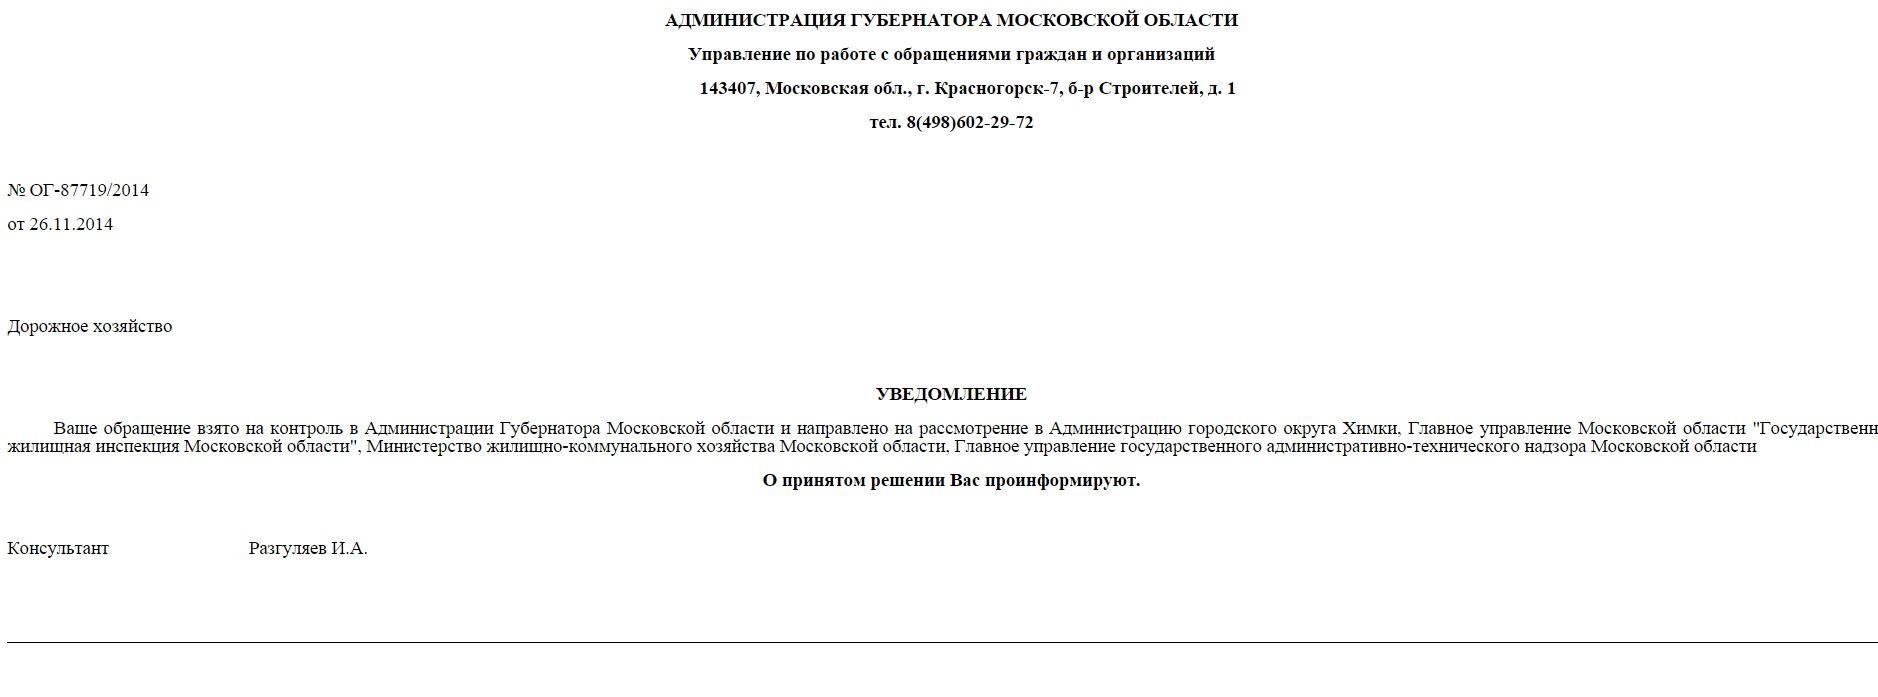 Тихомировой 26-11-2014 Губернатор